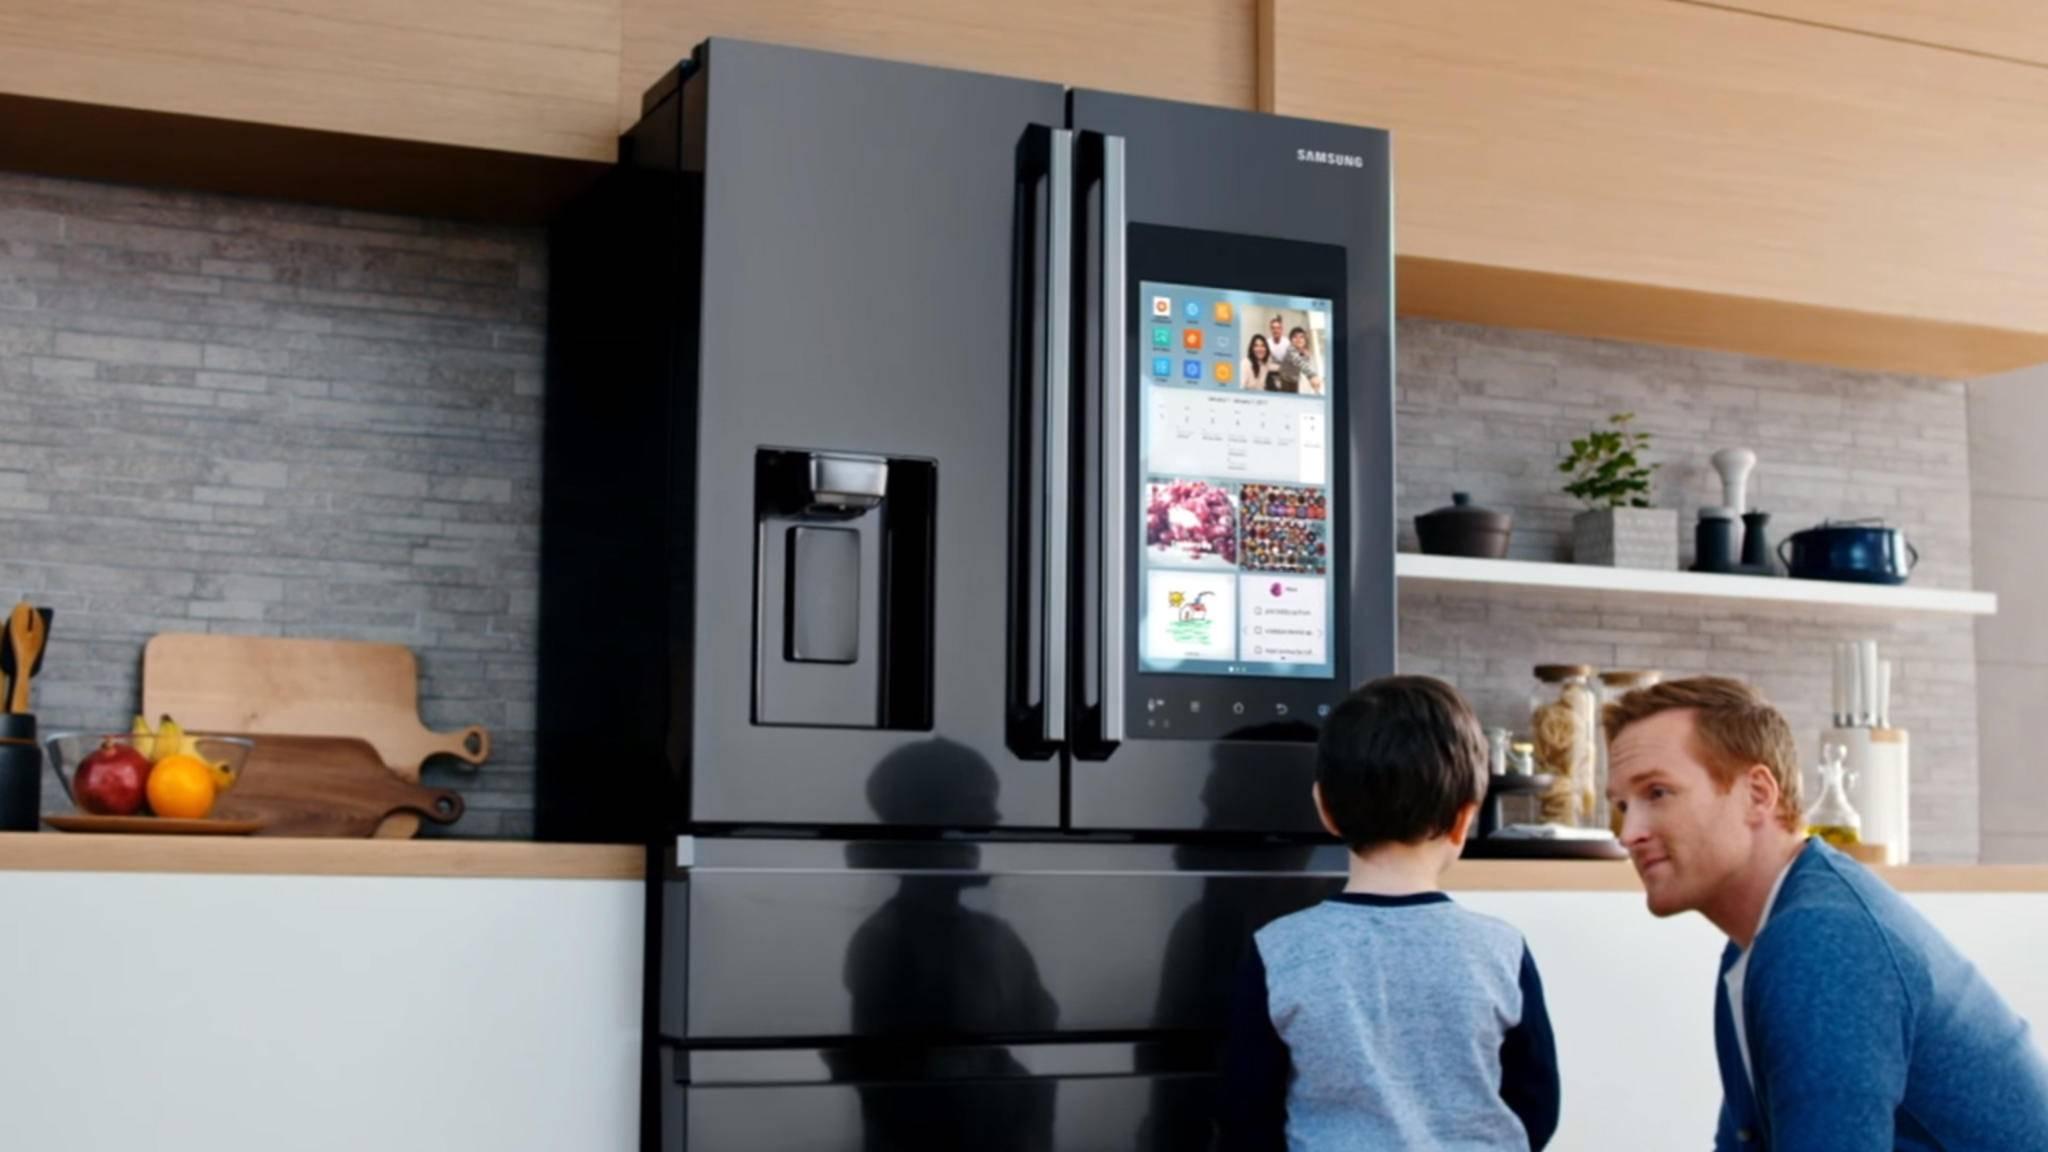 Samsung wird den smarten Assistenten Bixby auch auf seine smarten Kühlschränke bringen.